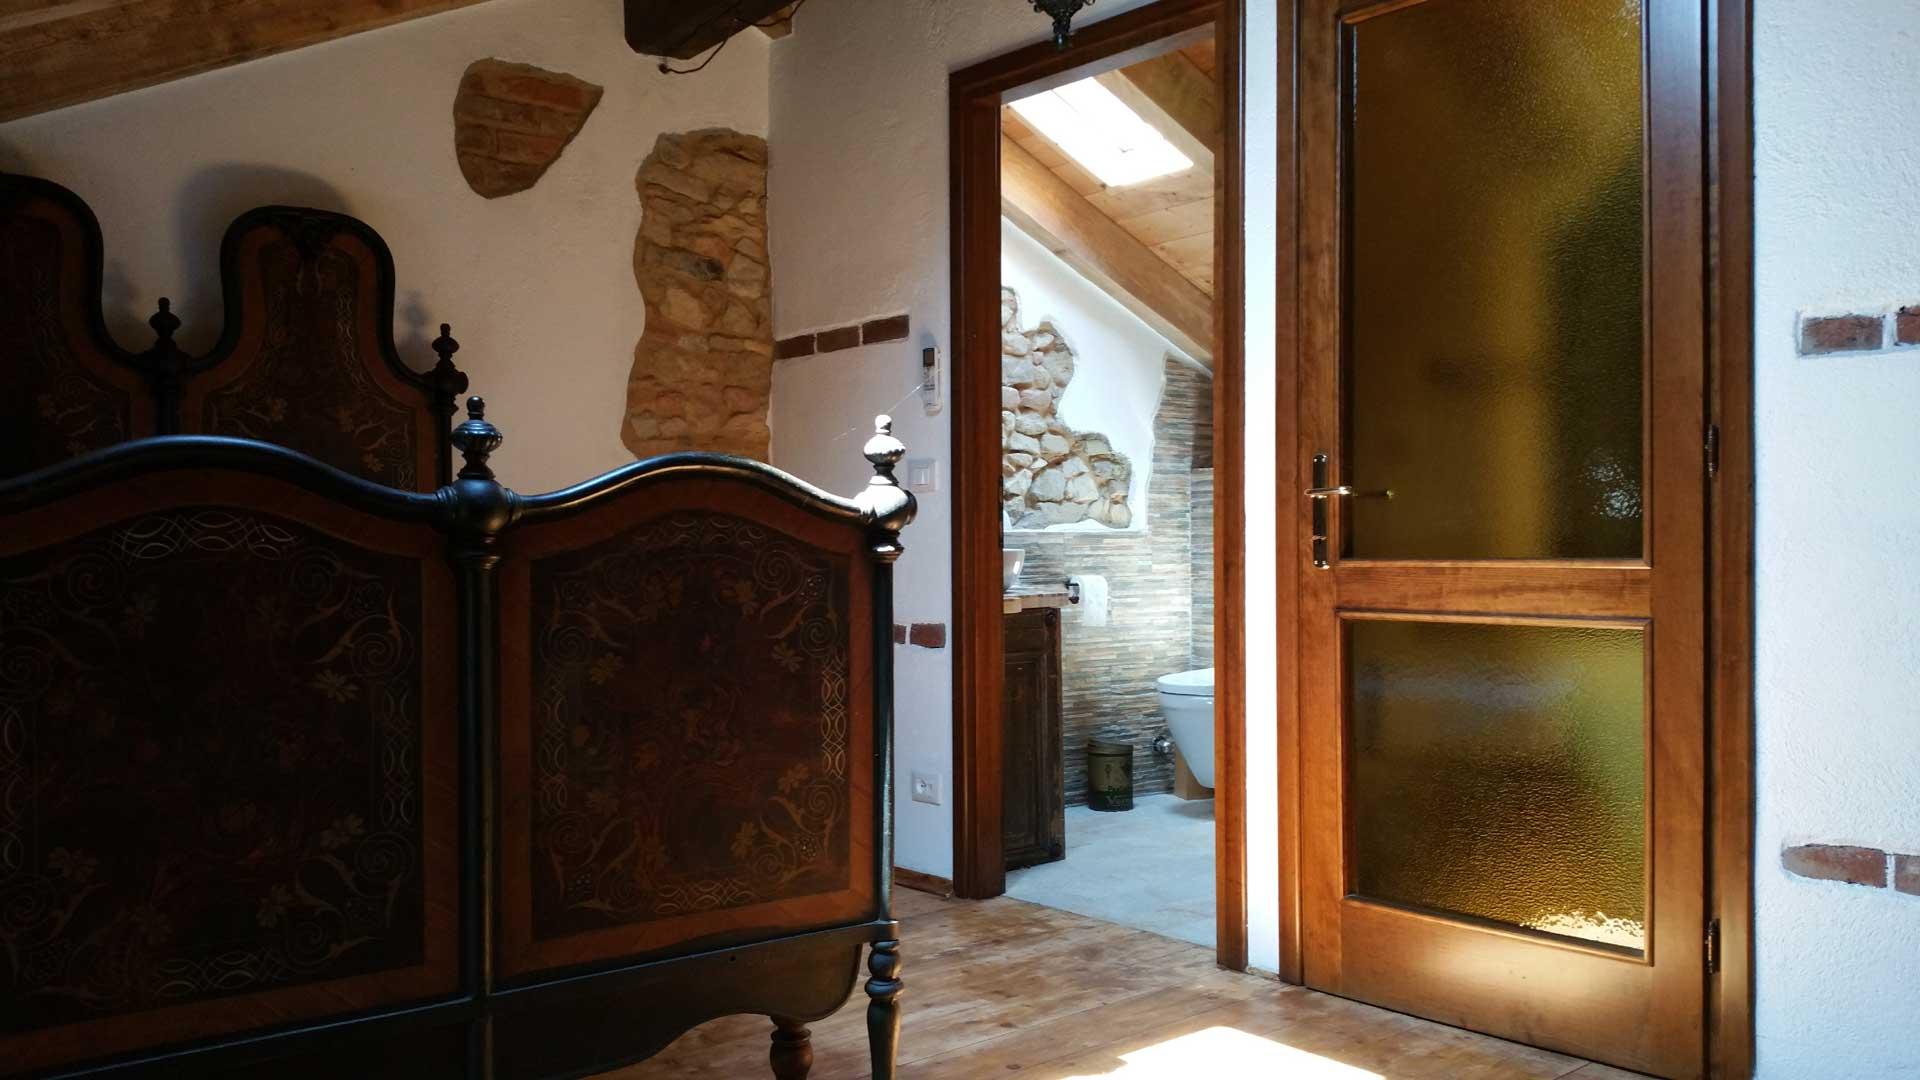 Camera 900 letto matrimoniale ingresso bagno B&B & Meditation Center Zorba il Buddha Passerano Marmorito Asti